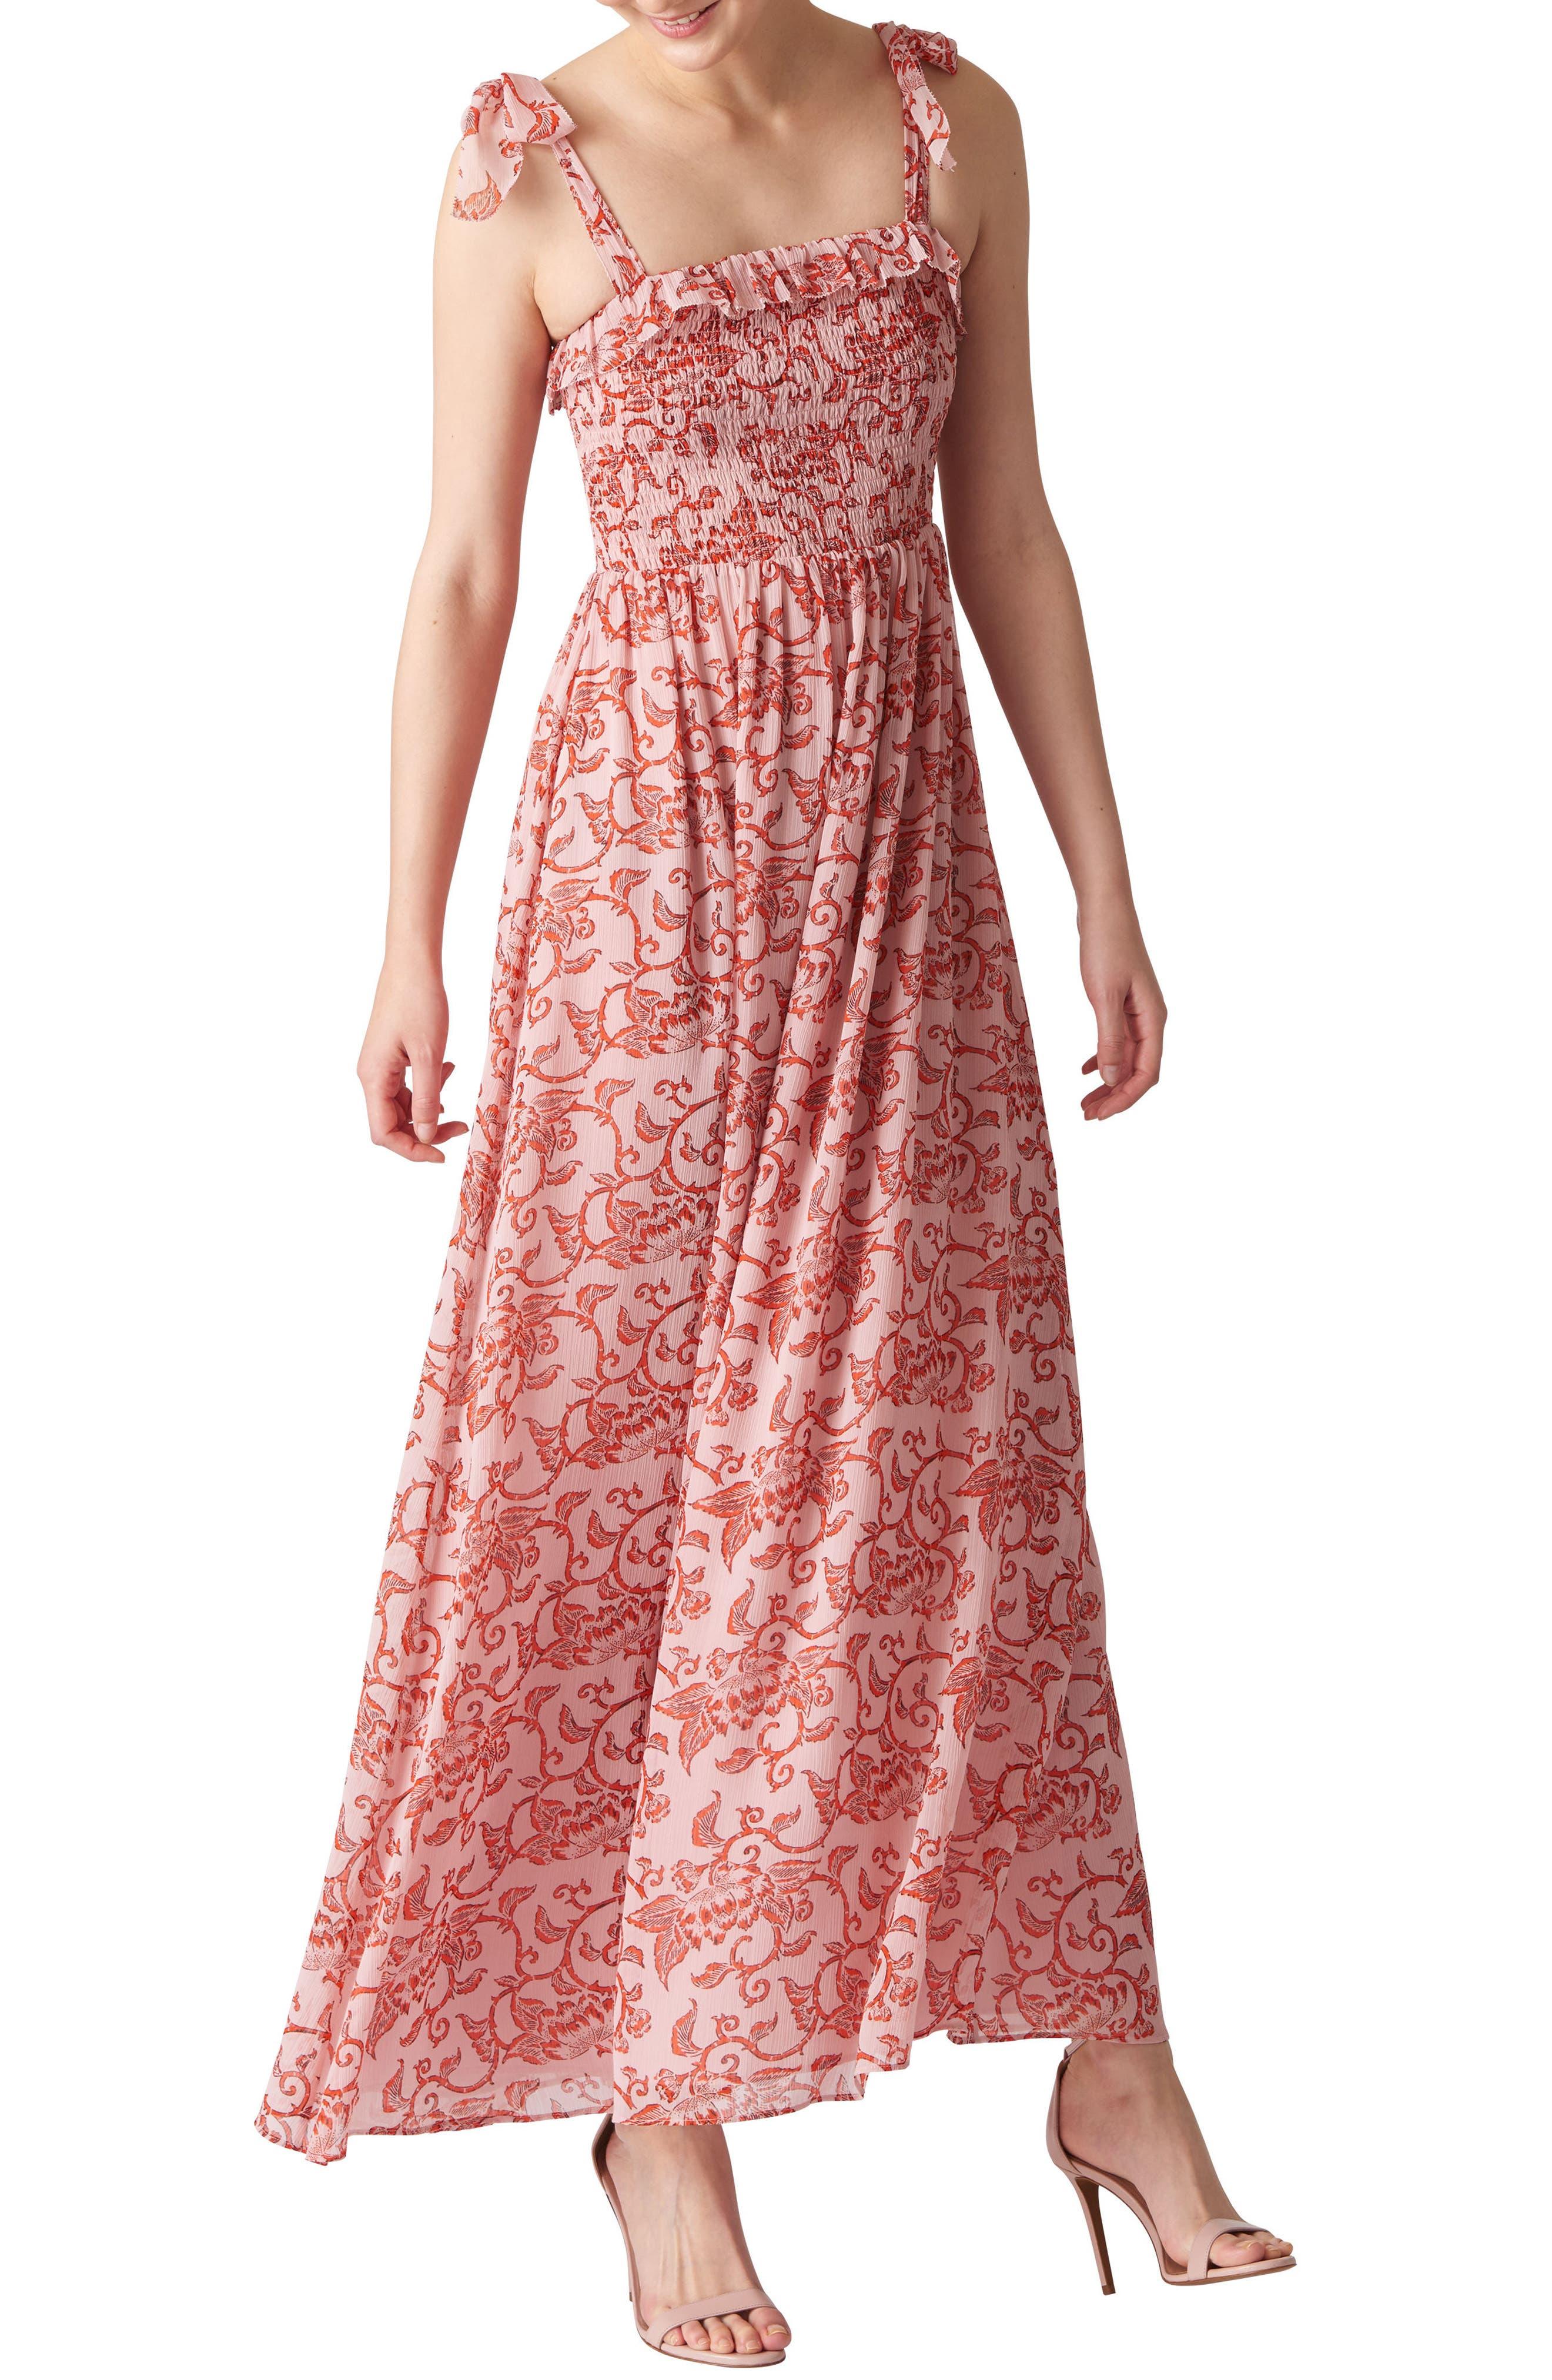 Bali Print Maxi Dress,                         Main,                         color, 650